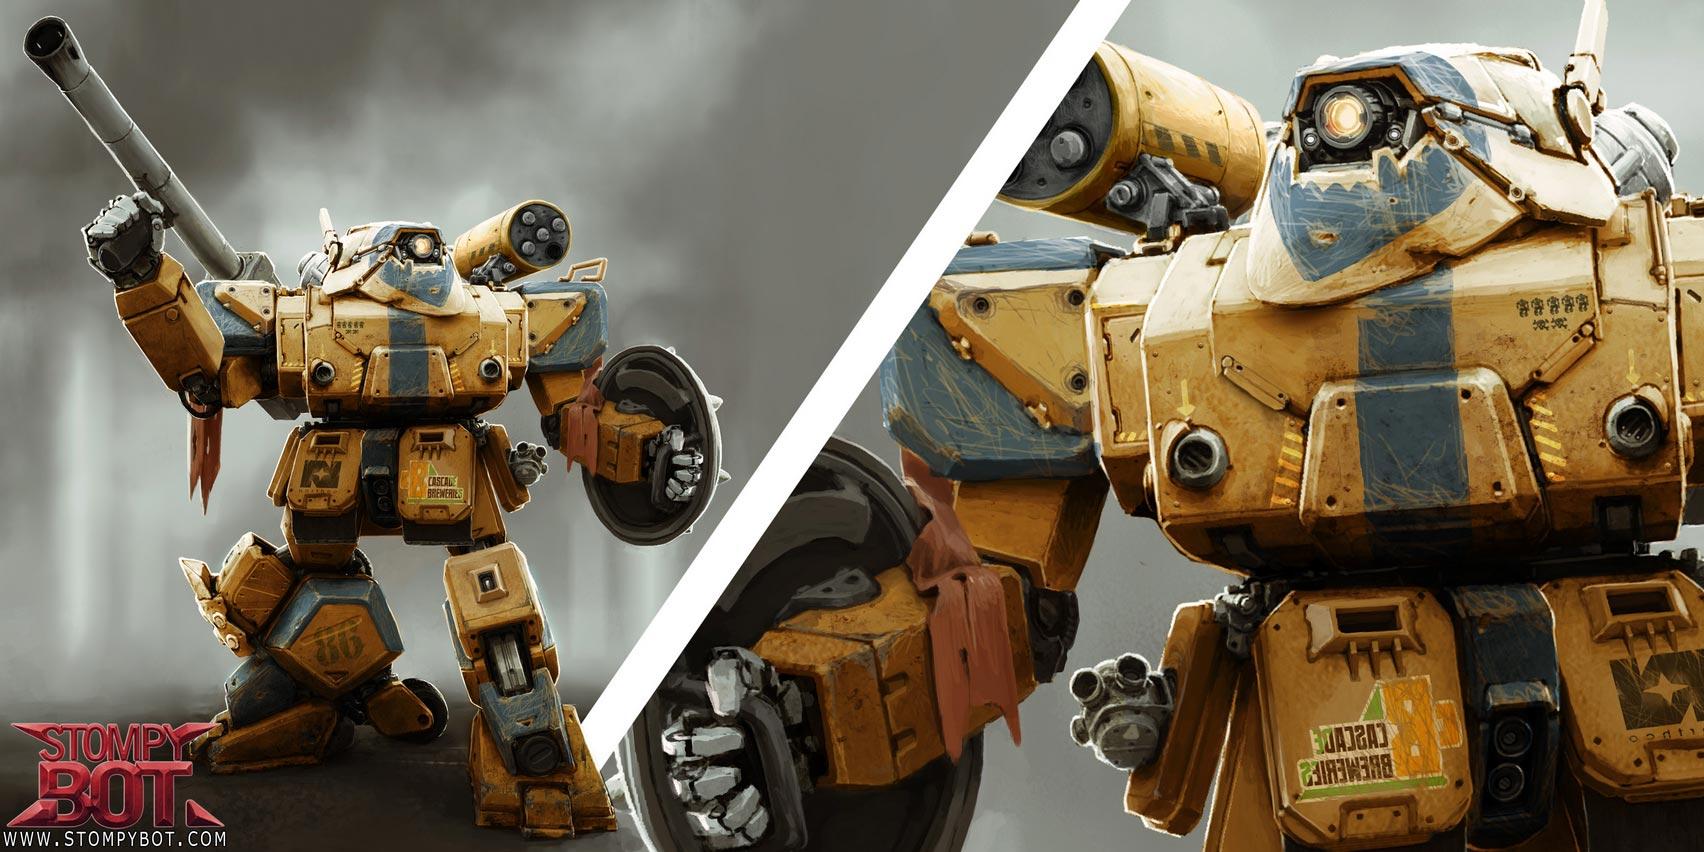 1704x852 > Heavy Gear Wallpapers